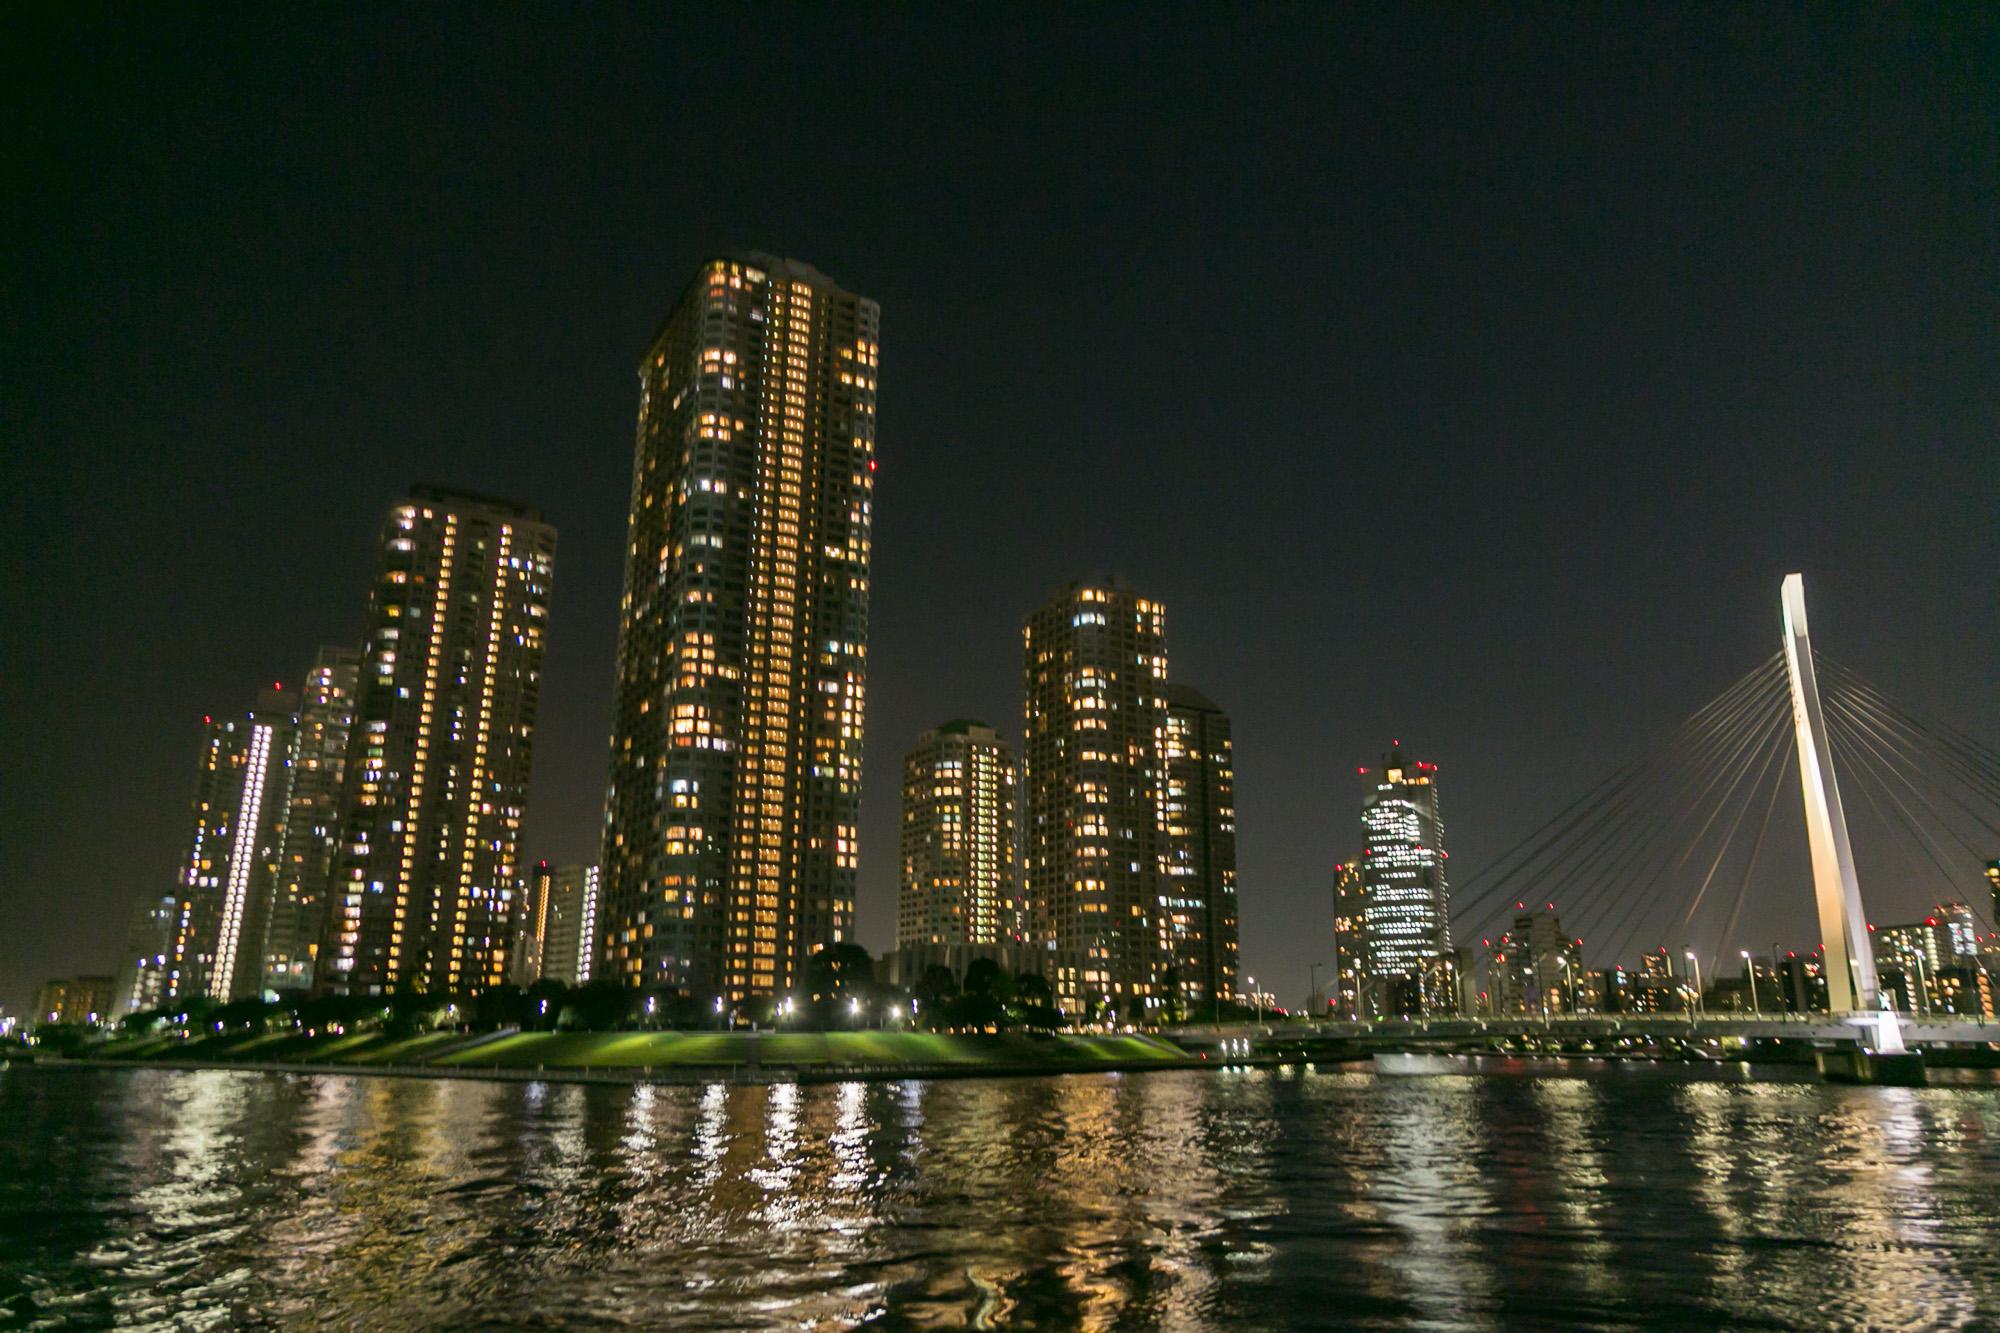 河川上から眺める夜の高層ビル群